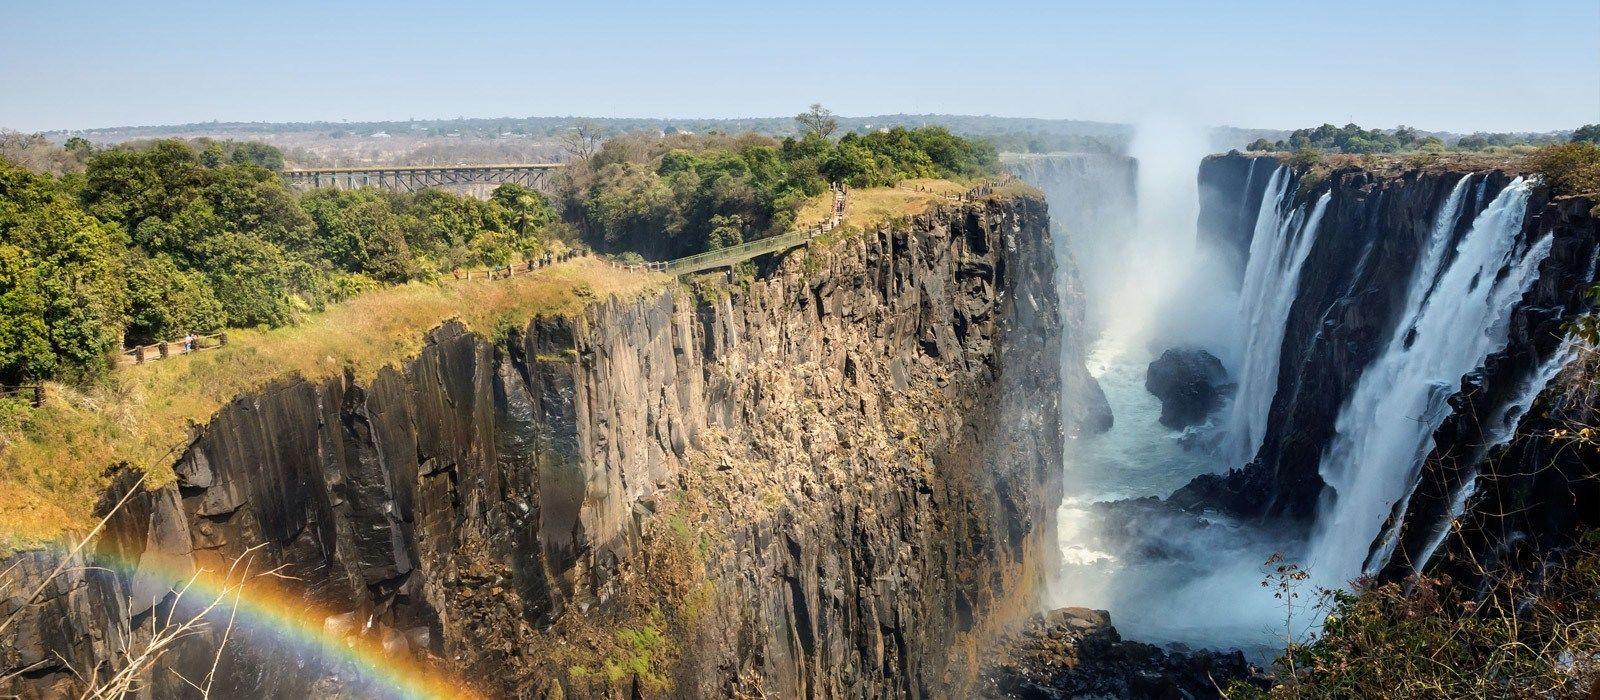 Cape Town, Okavango Delta and Victoria Falls Tour Trip 3